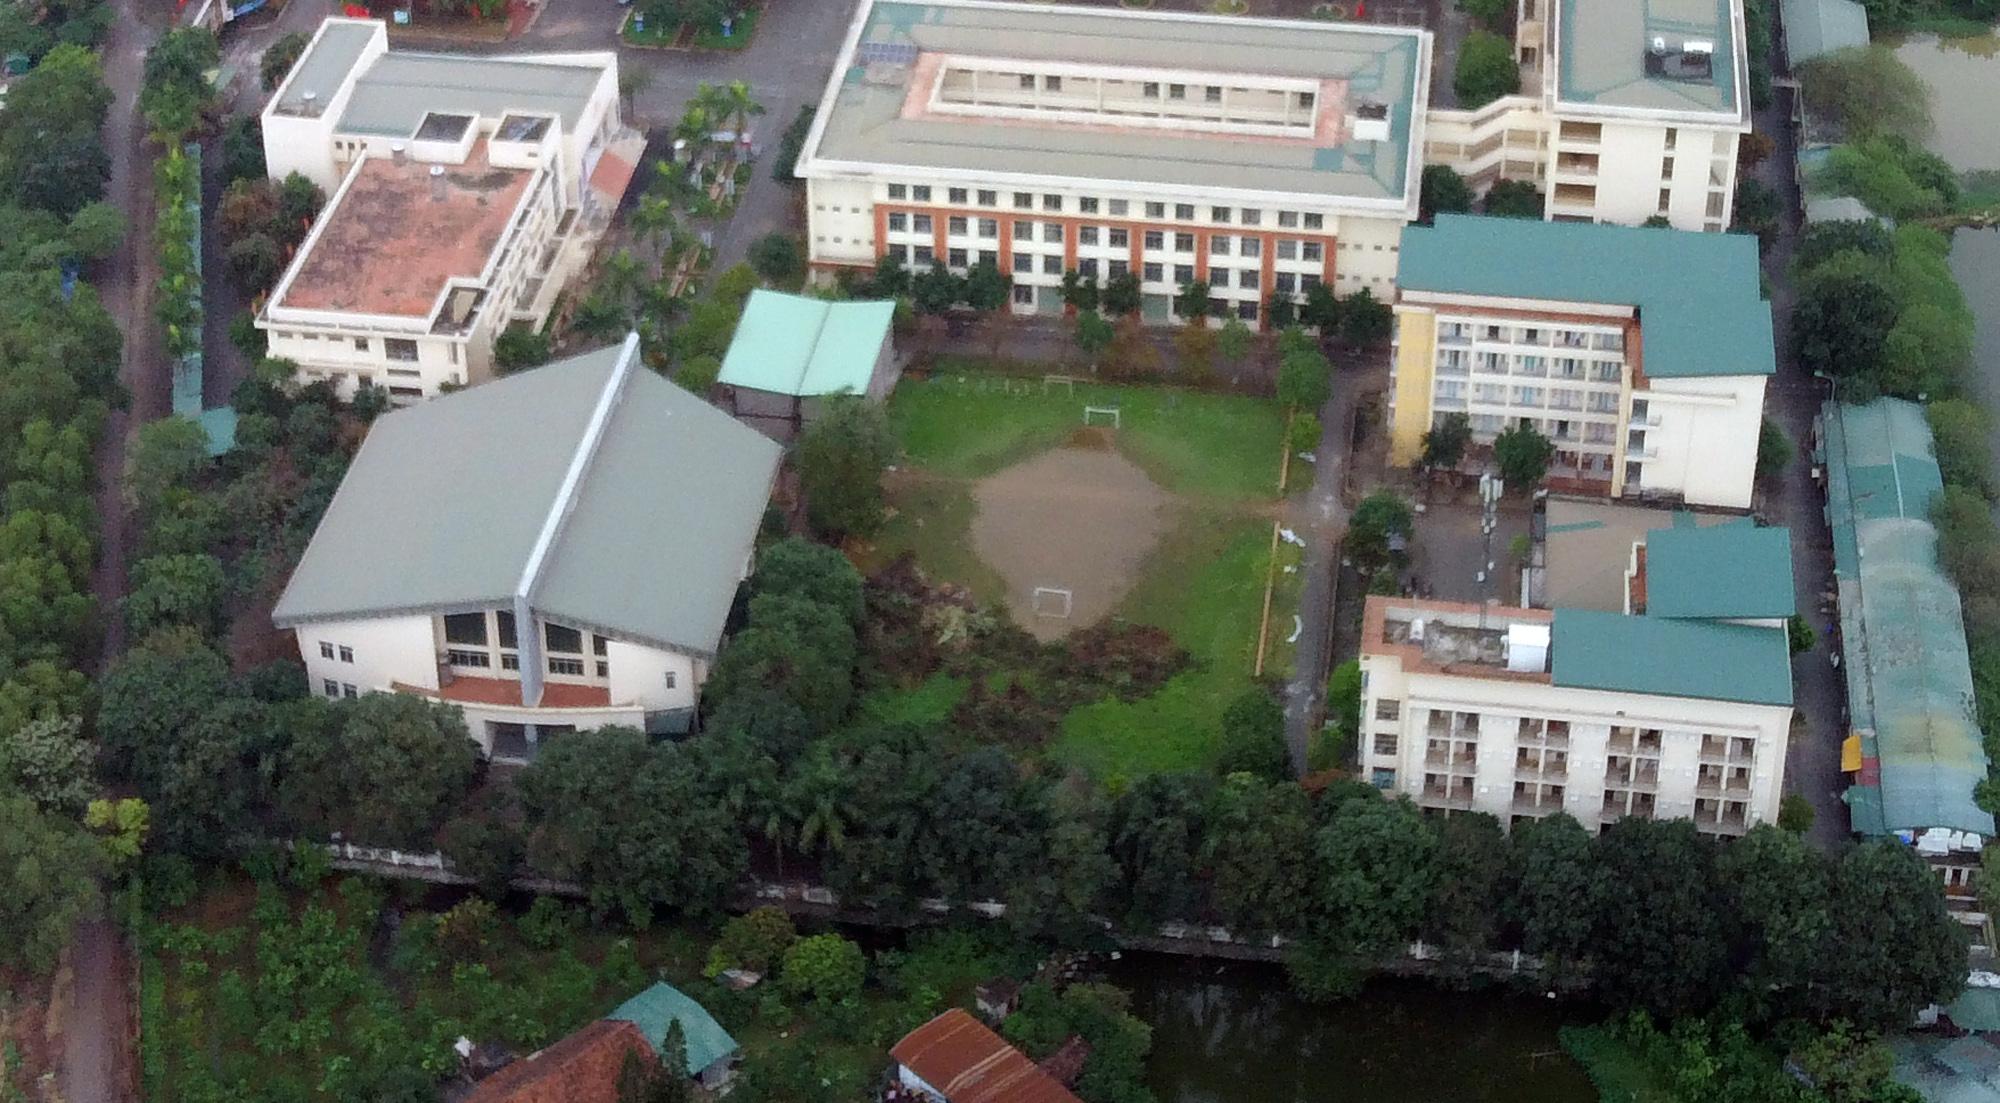 Cận cảnh khu cách li tập trung cho 800 người ở trường Cao đẳng nghề Công nghệ cao Hà Nội - Ảnh 7.